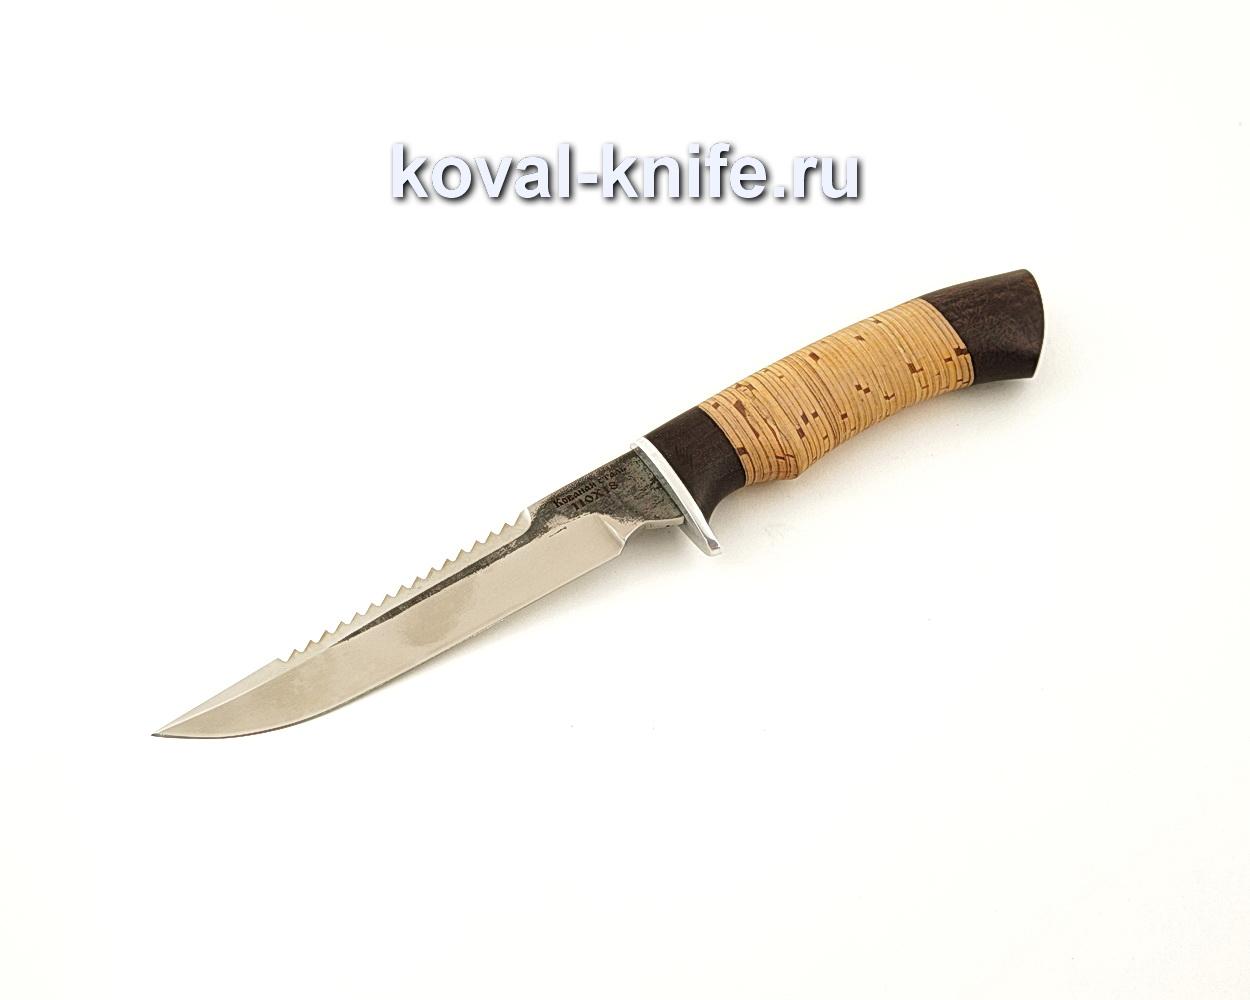 Нож Рыбак из кованой стали 110Х18 с рукоятью из бересты  A659